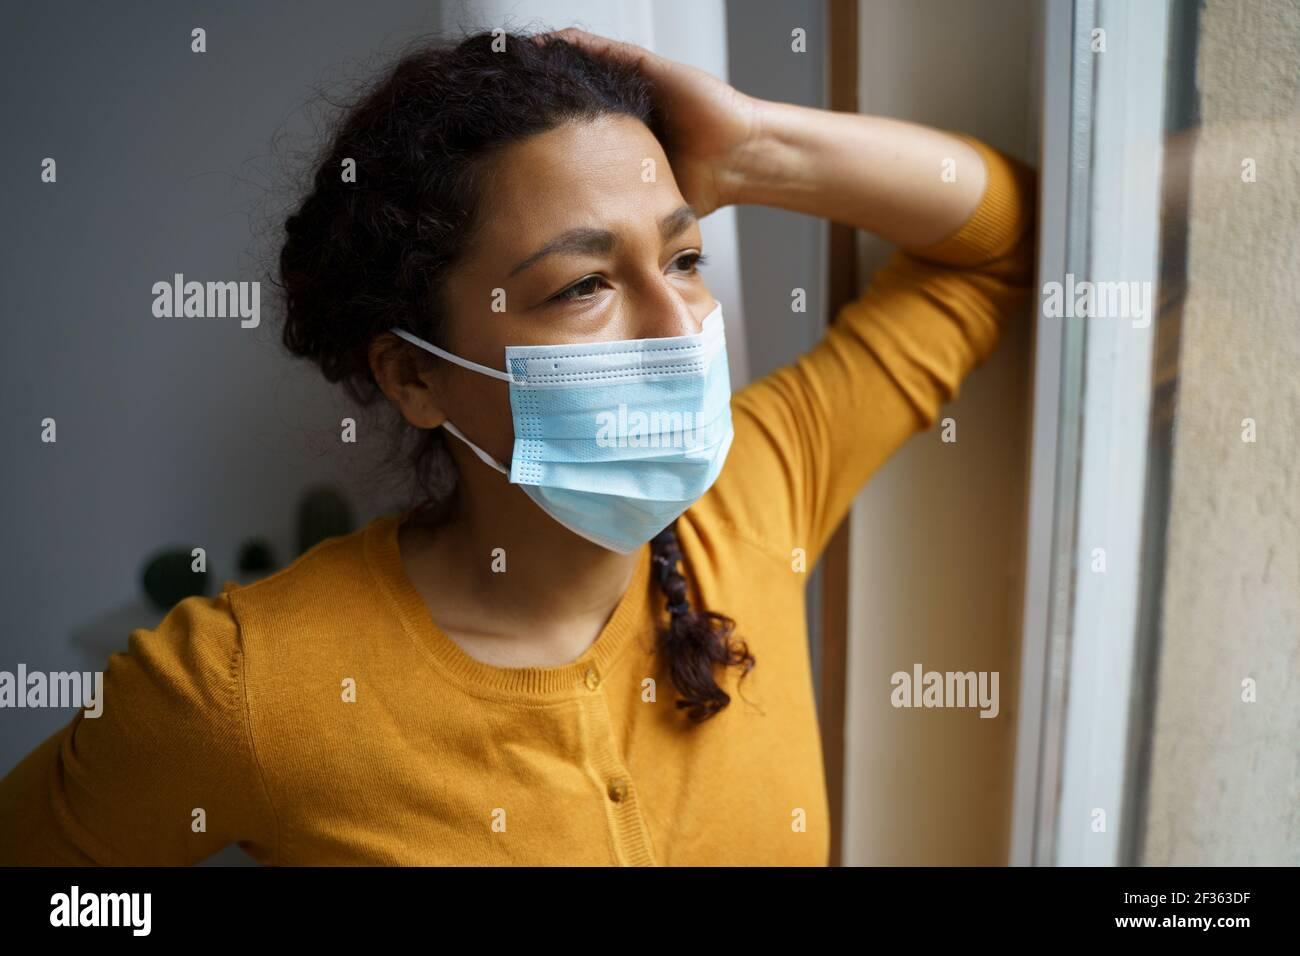 Besorgte schwarze Frau, die aus dem Fenster schaute Stockfoto